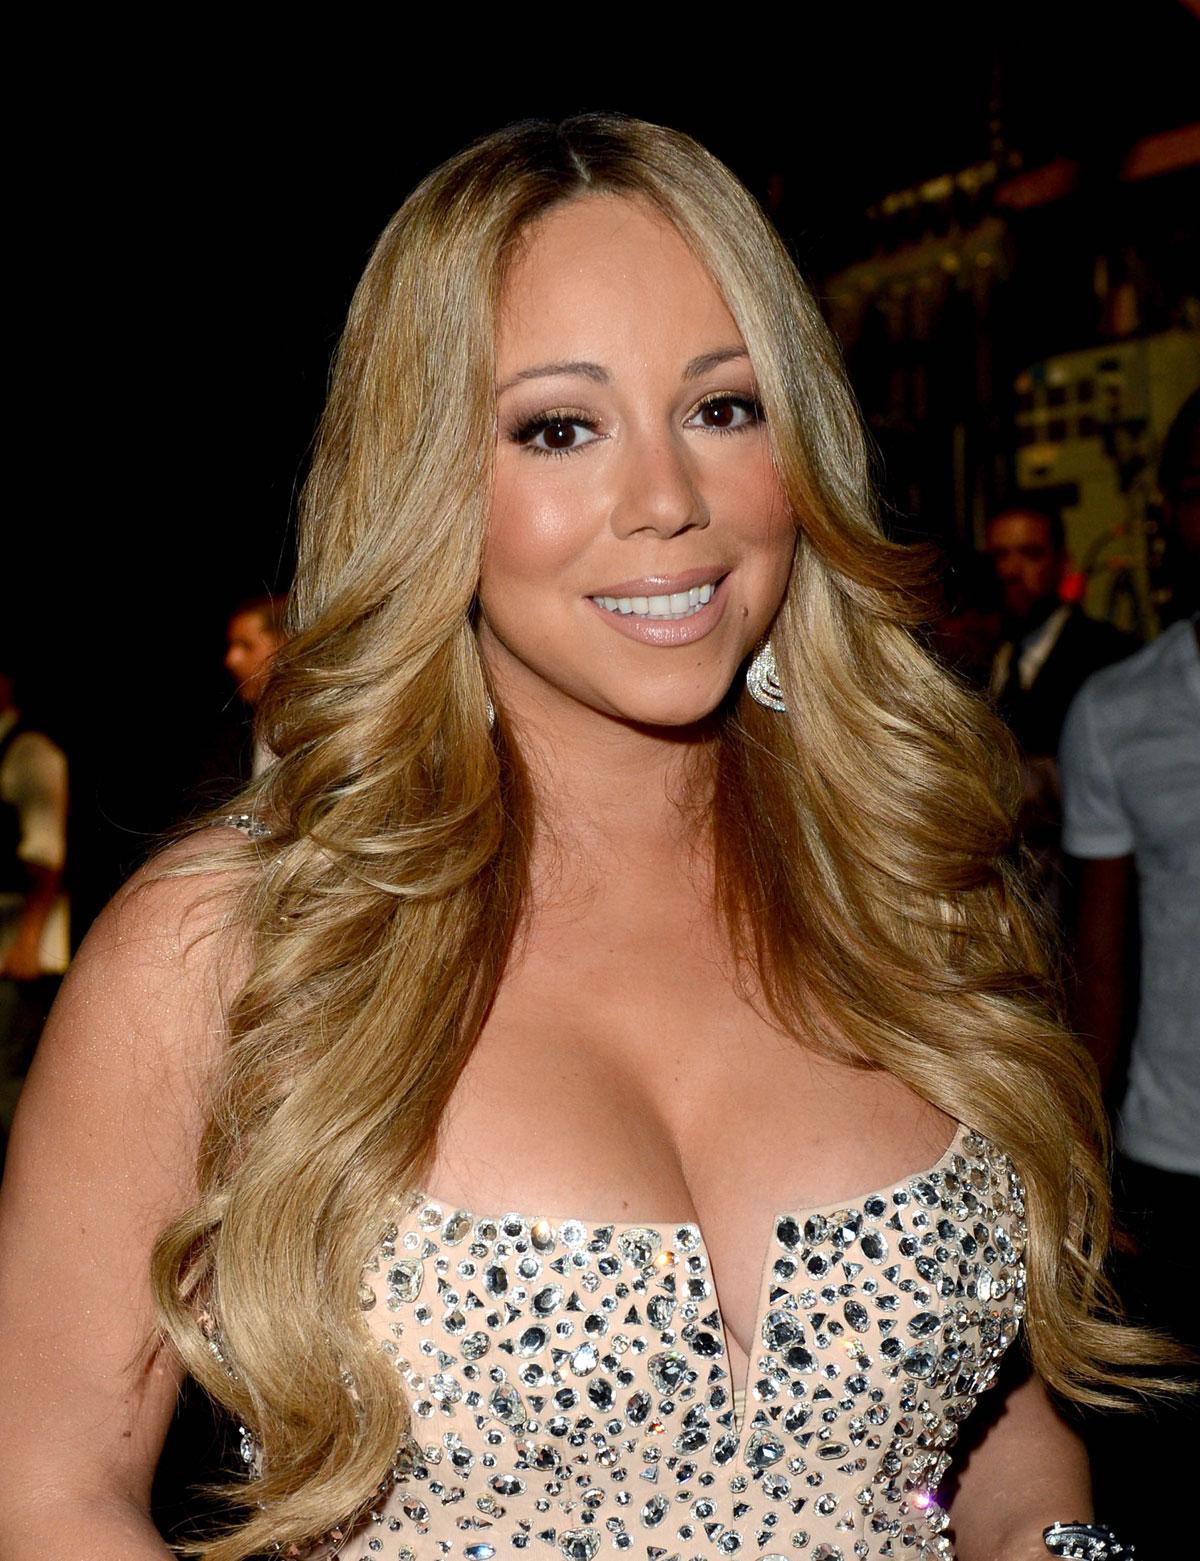 MARIAH CAREY at BET Awards in Los Angeles - HawtCelebs - HawtCelebs Mariah Carey